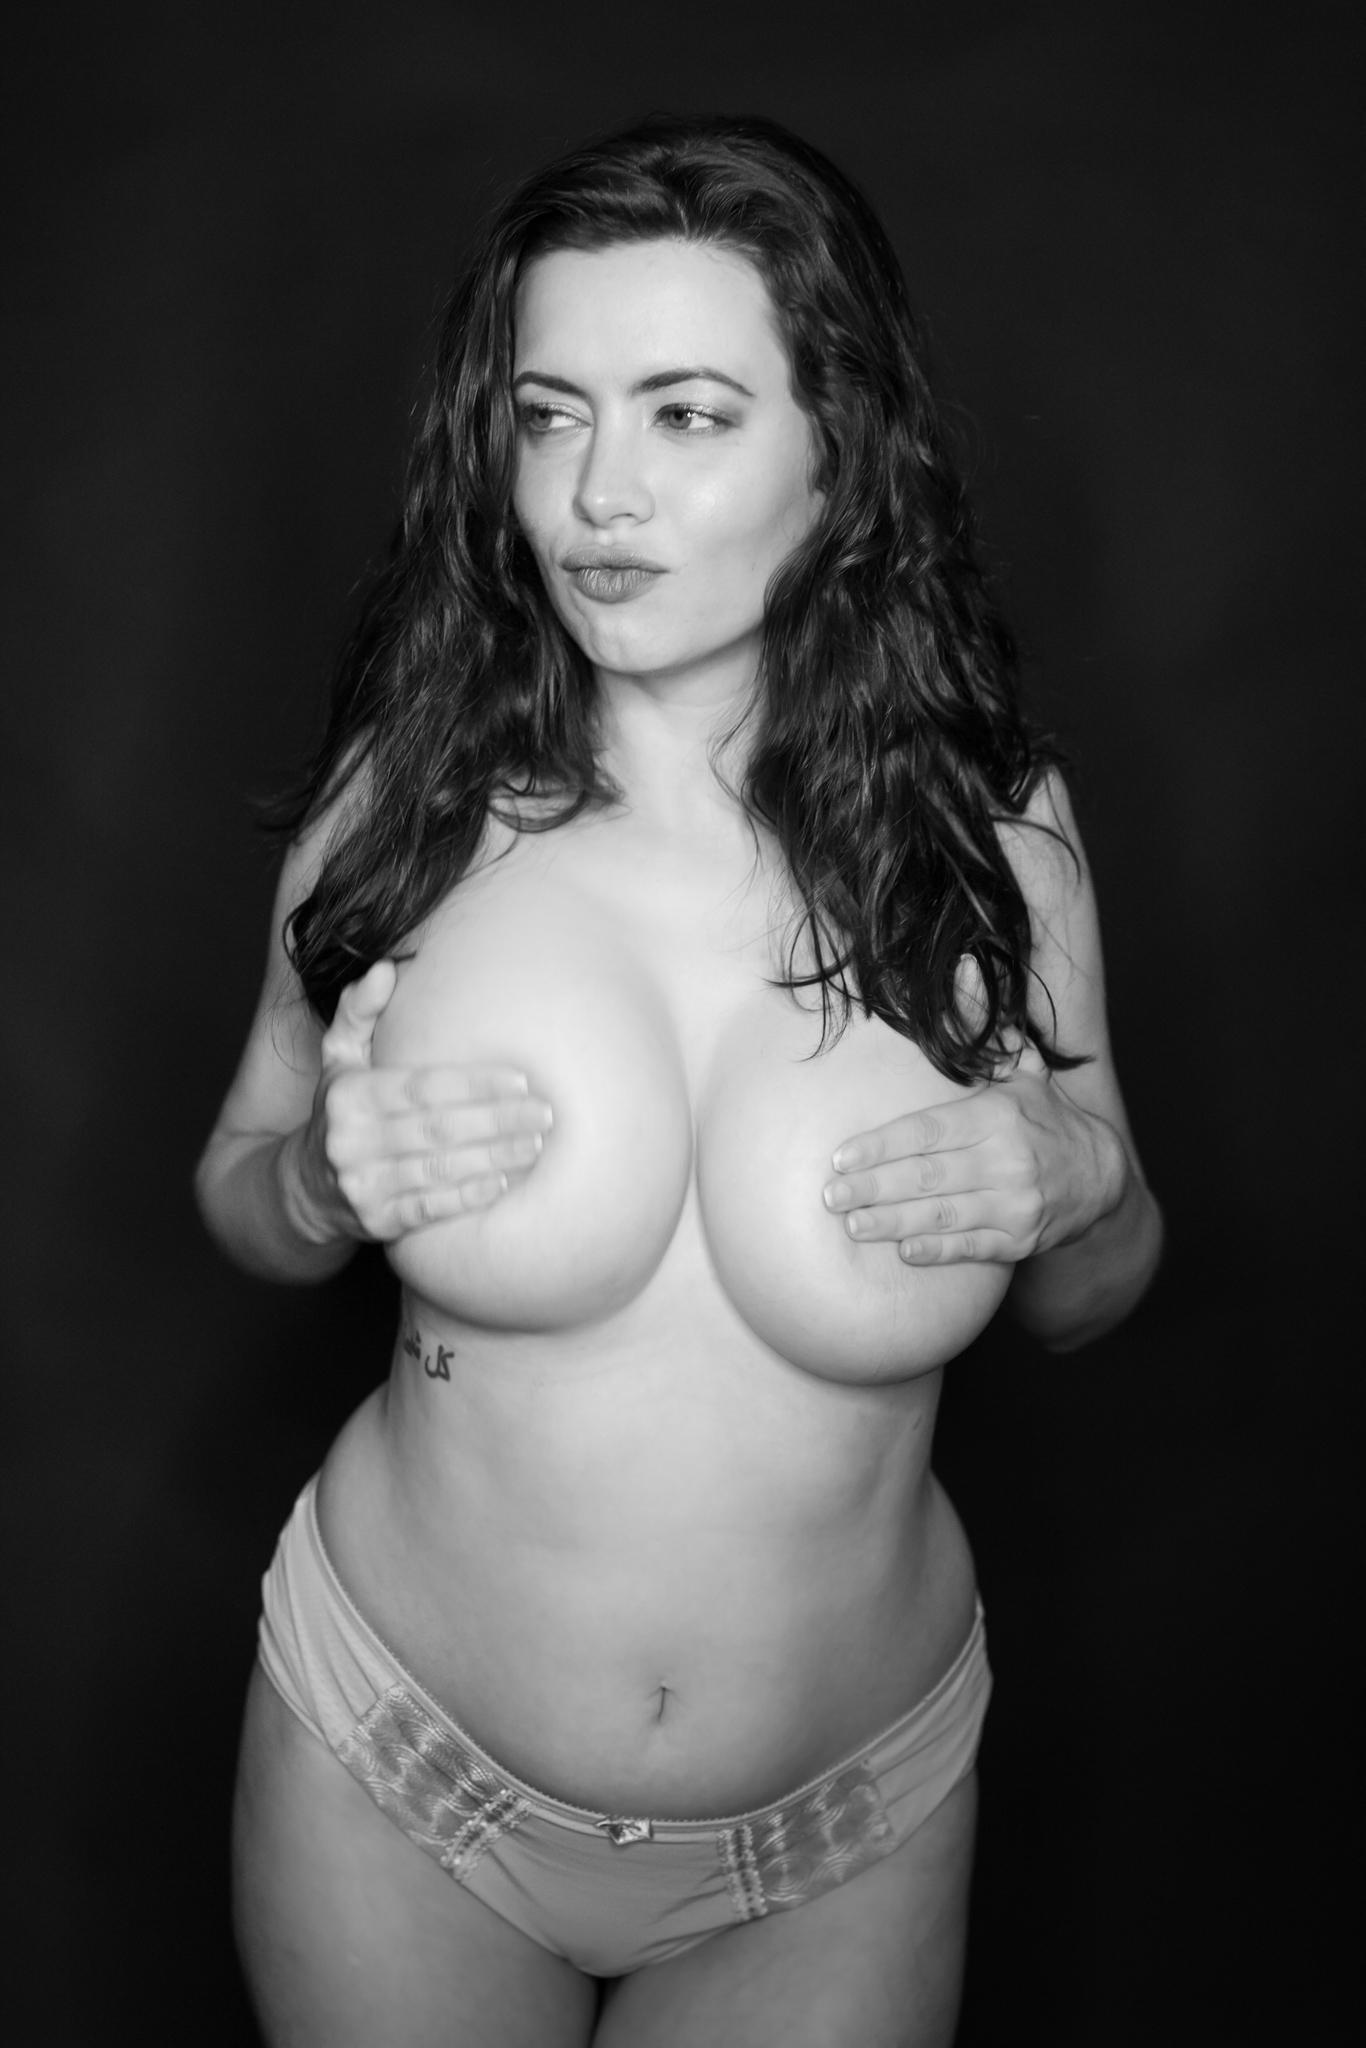 Sam Paige Nude Lingerie Strip Set Leaked 0002